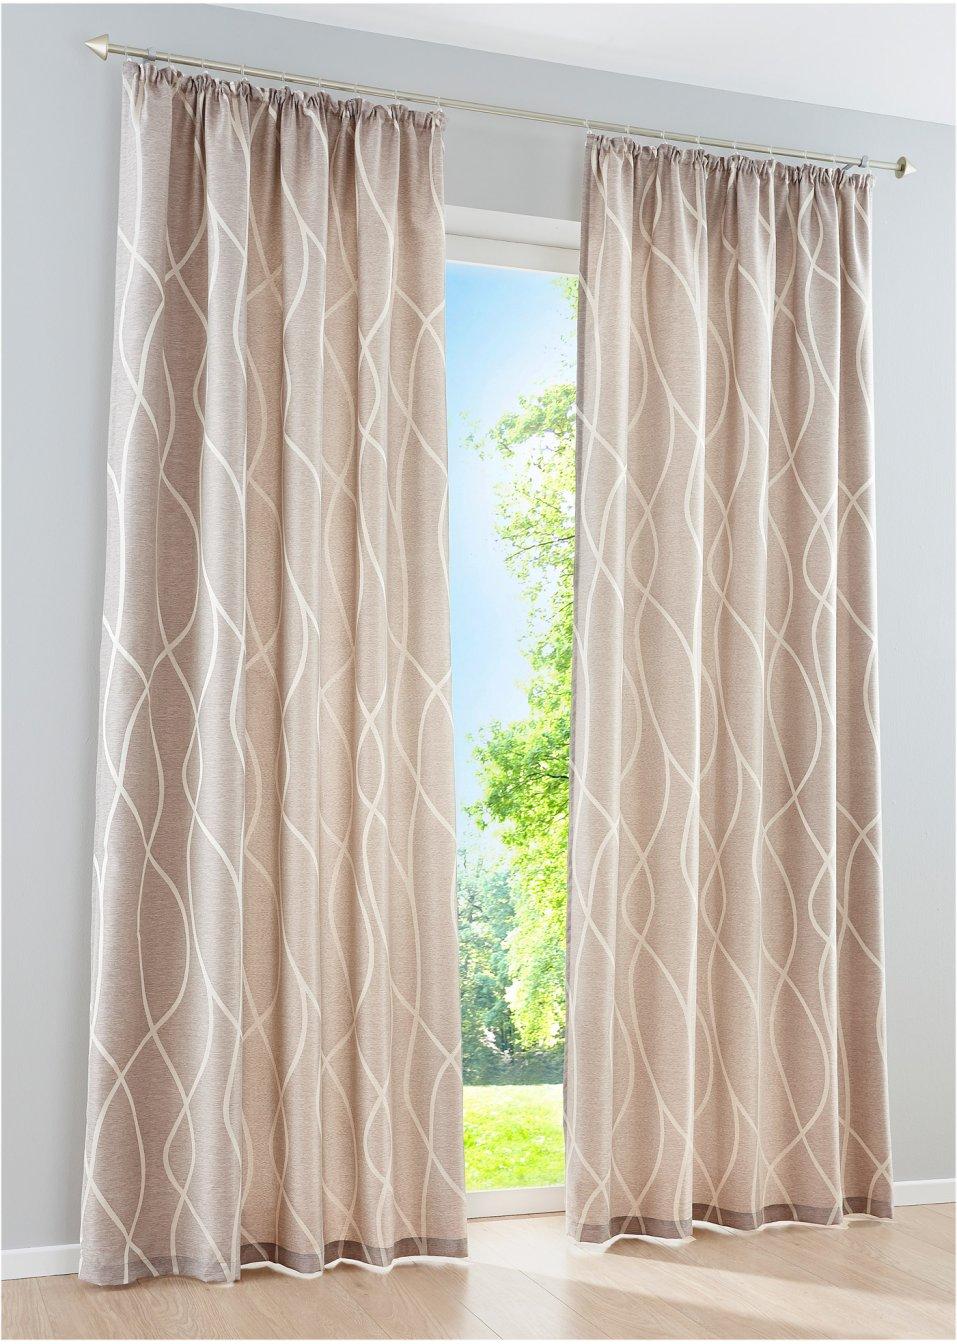 Full Size of Blickdichter Vorhang Mit Moderner Jacquard Musterung Sand Vorhänge Küche Schlafzimmer Wohnzimmer Wohnzimmer Vorhänge